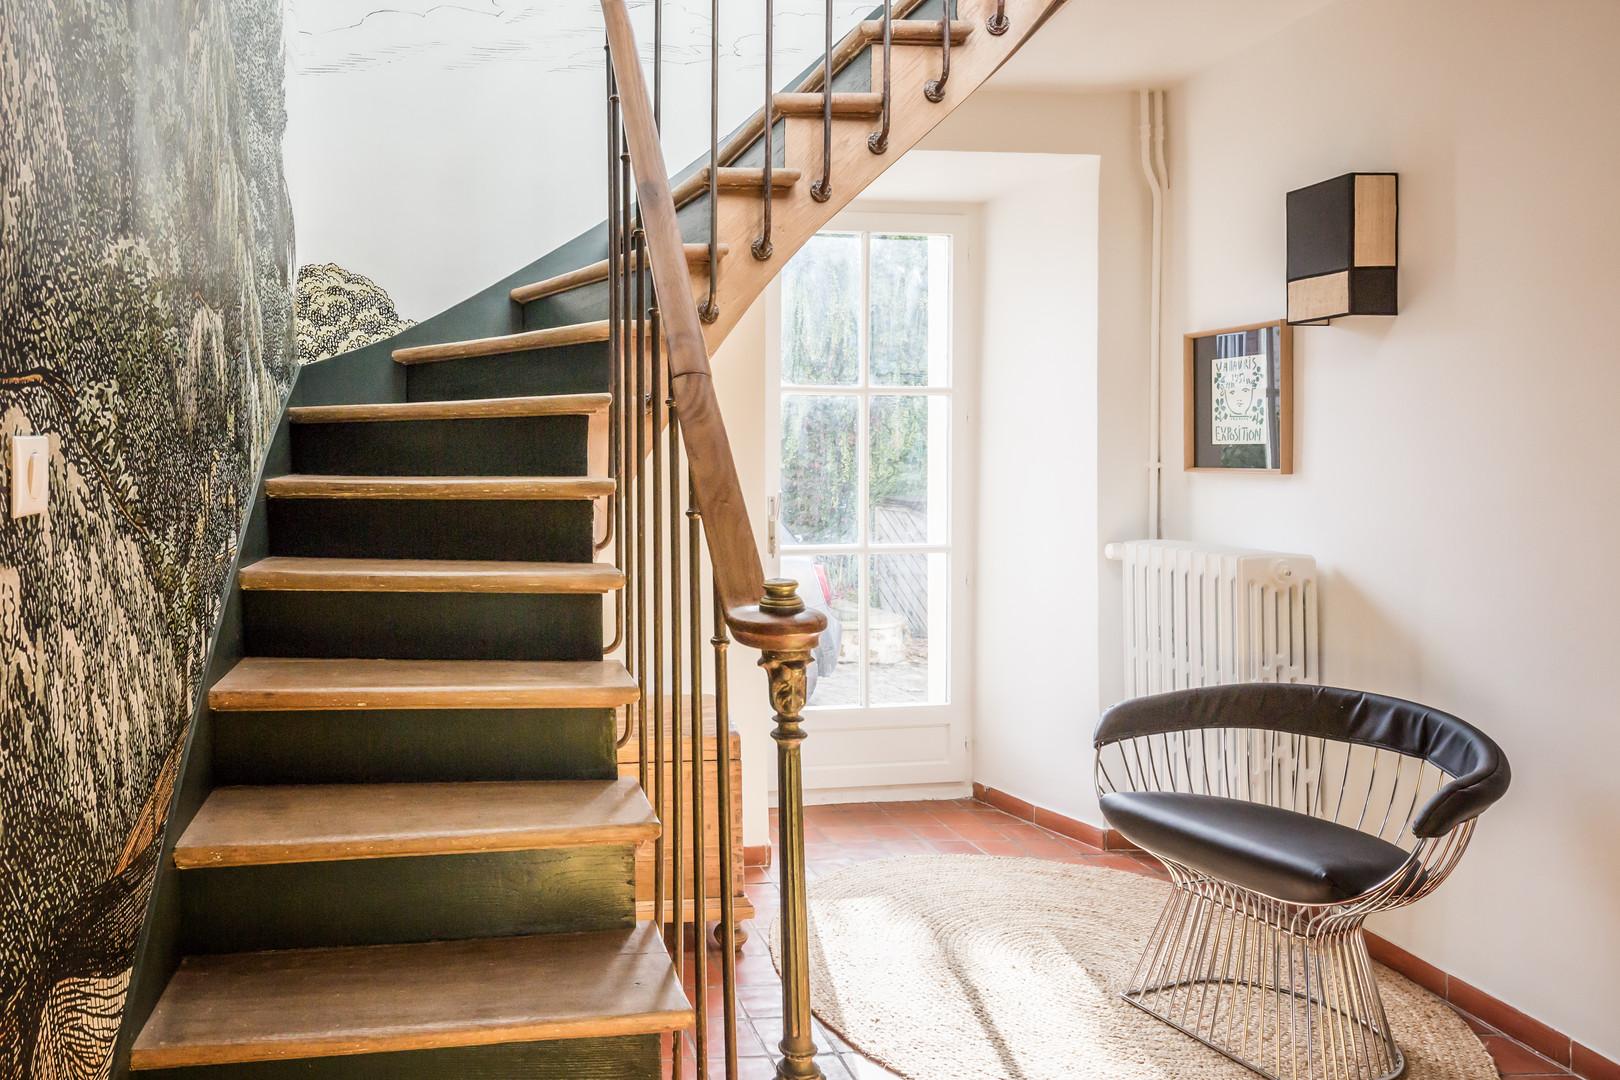 Escalier Herbeville